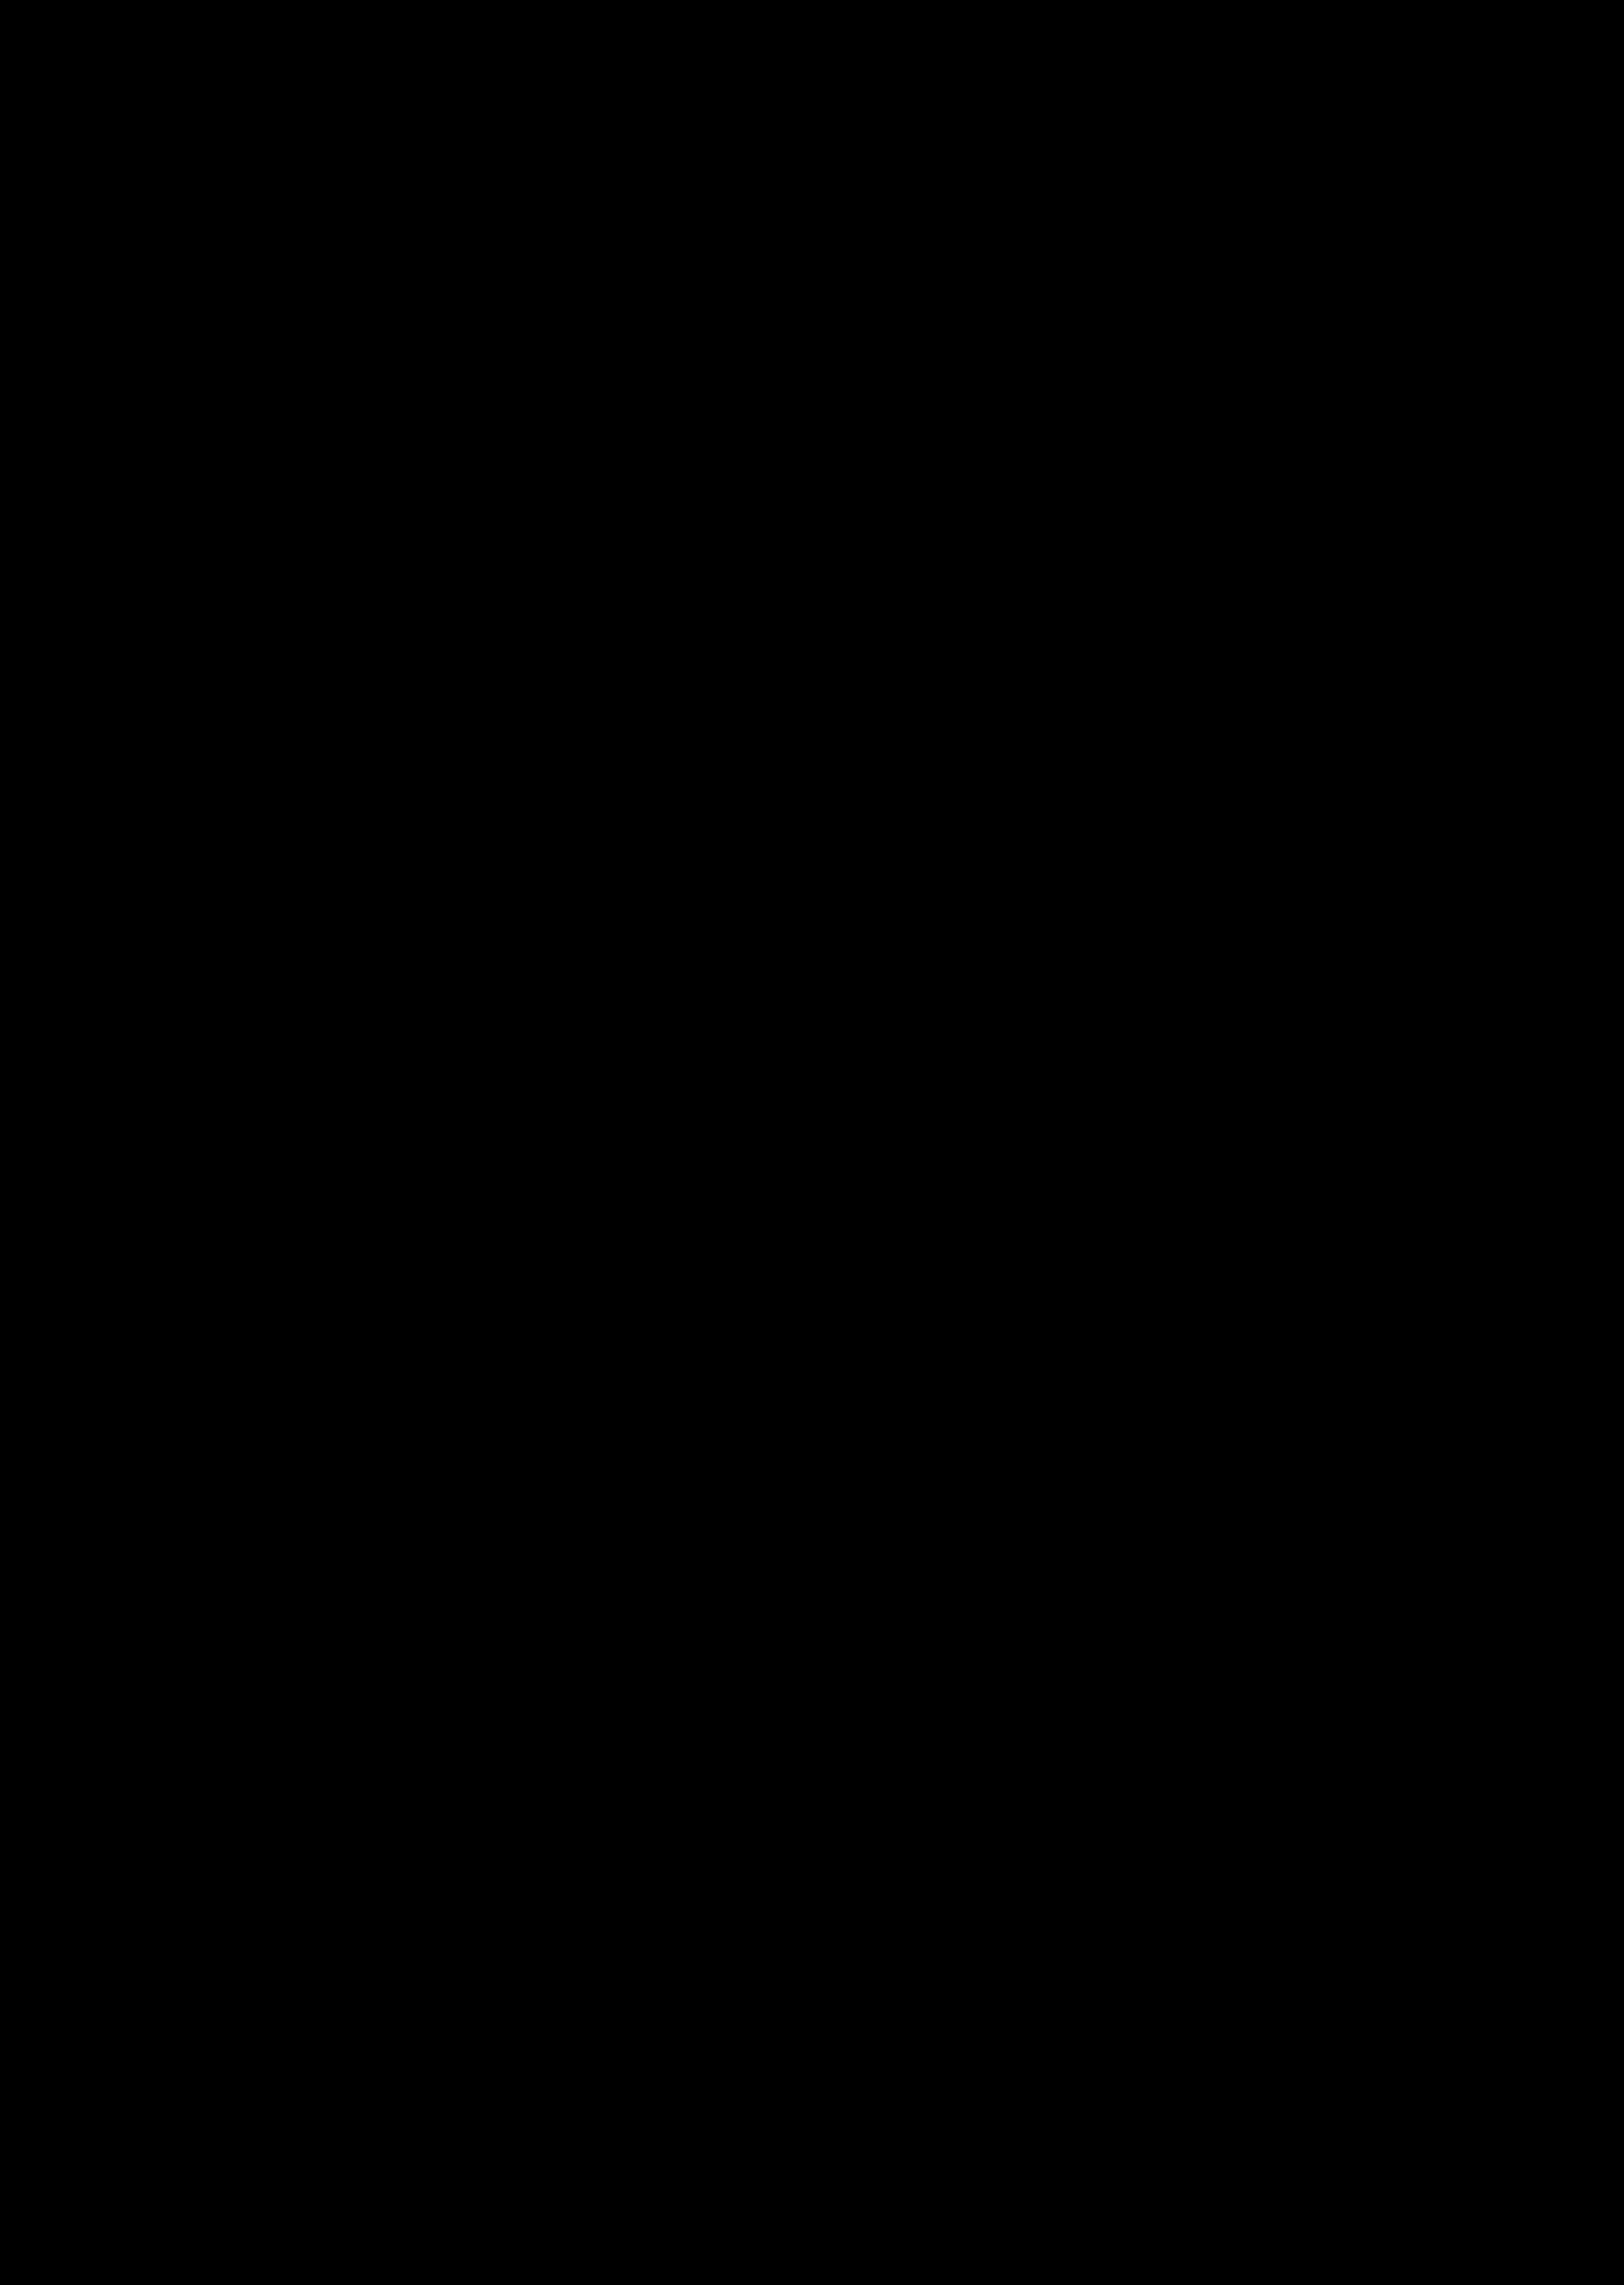 Leppävaaranaukion kartta järjestelyn ajan. Kulku Alberganpromenadilta kauppakeskuksen oville tapahtuu alikulkutunnelin kautta.